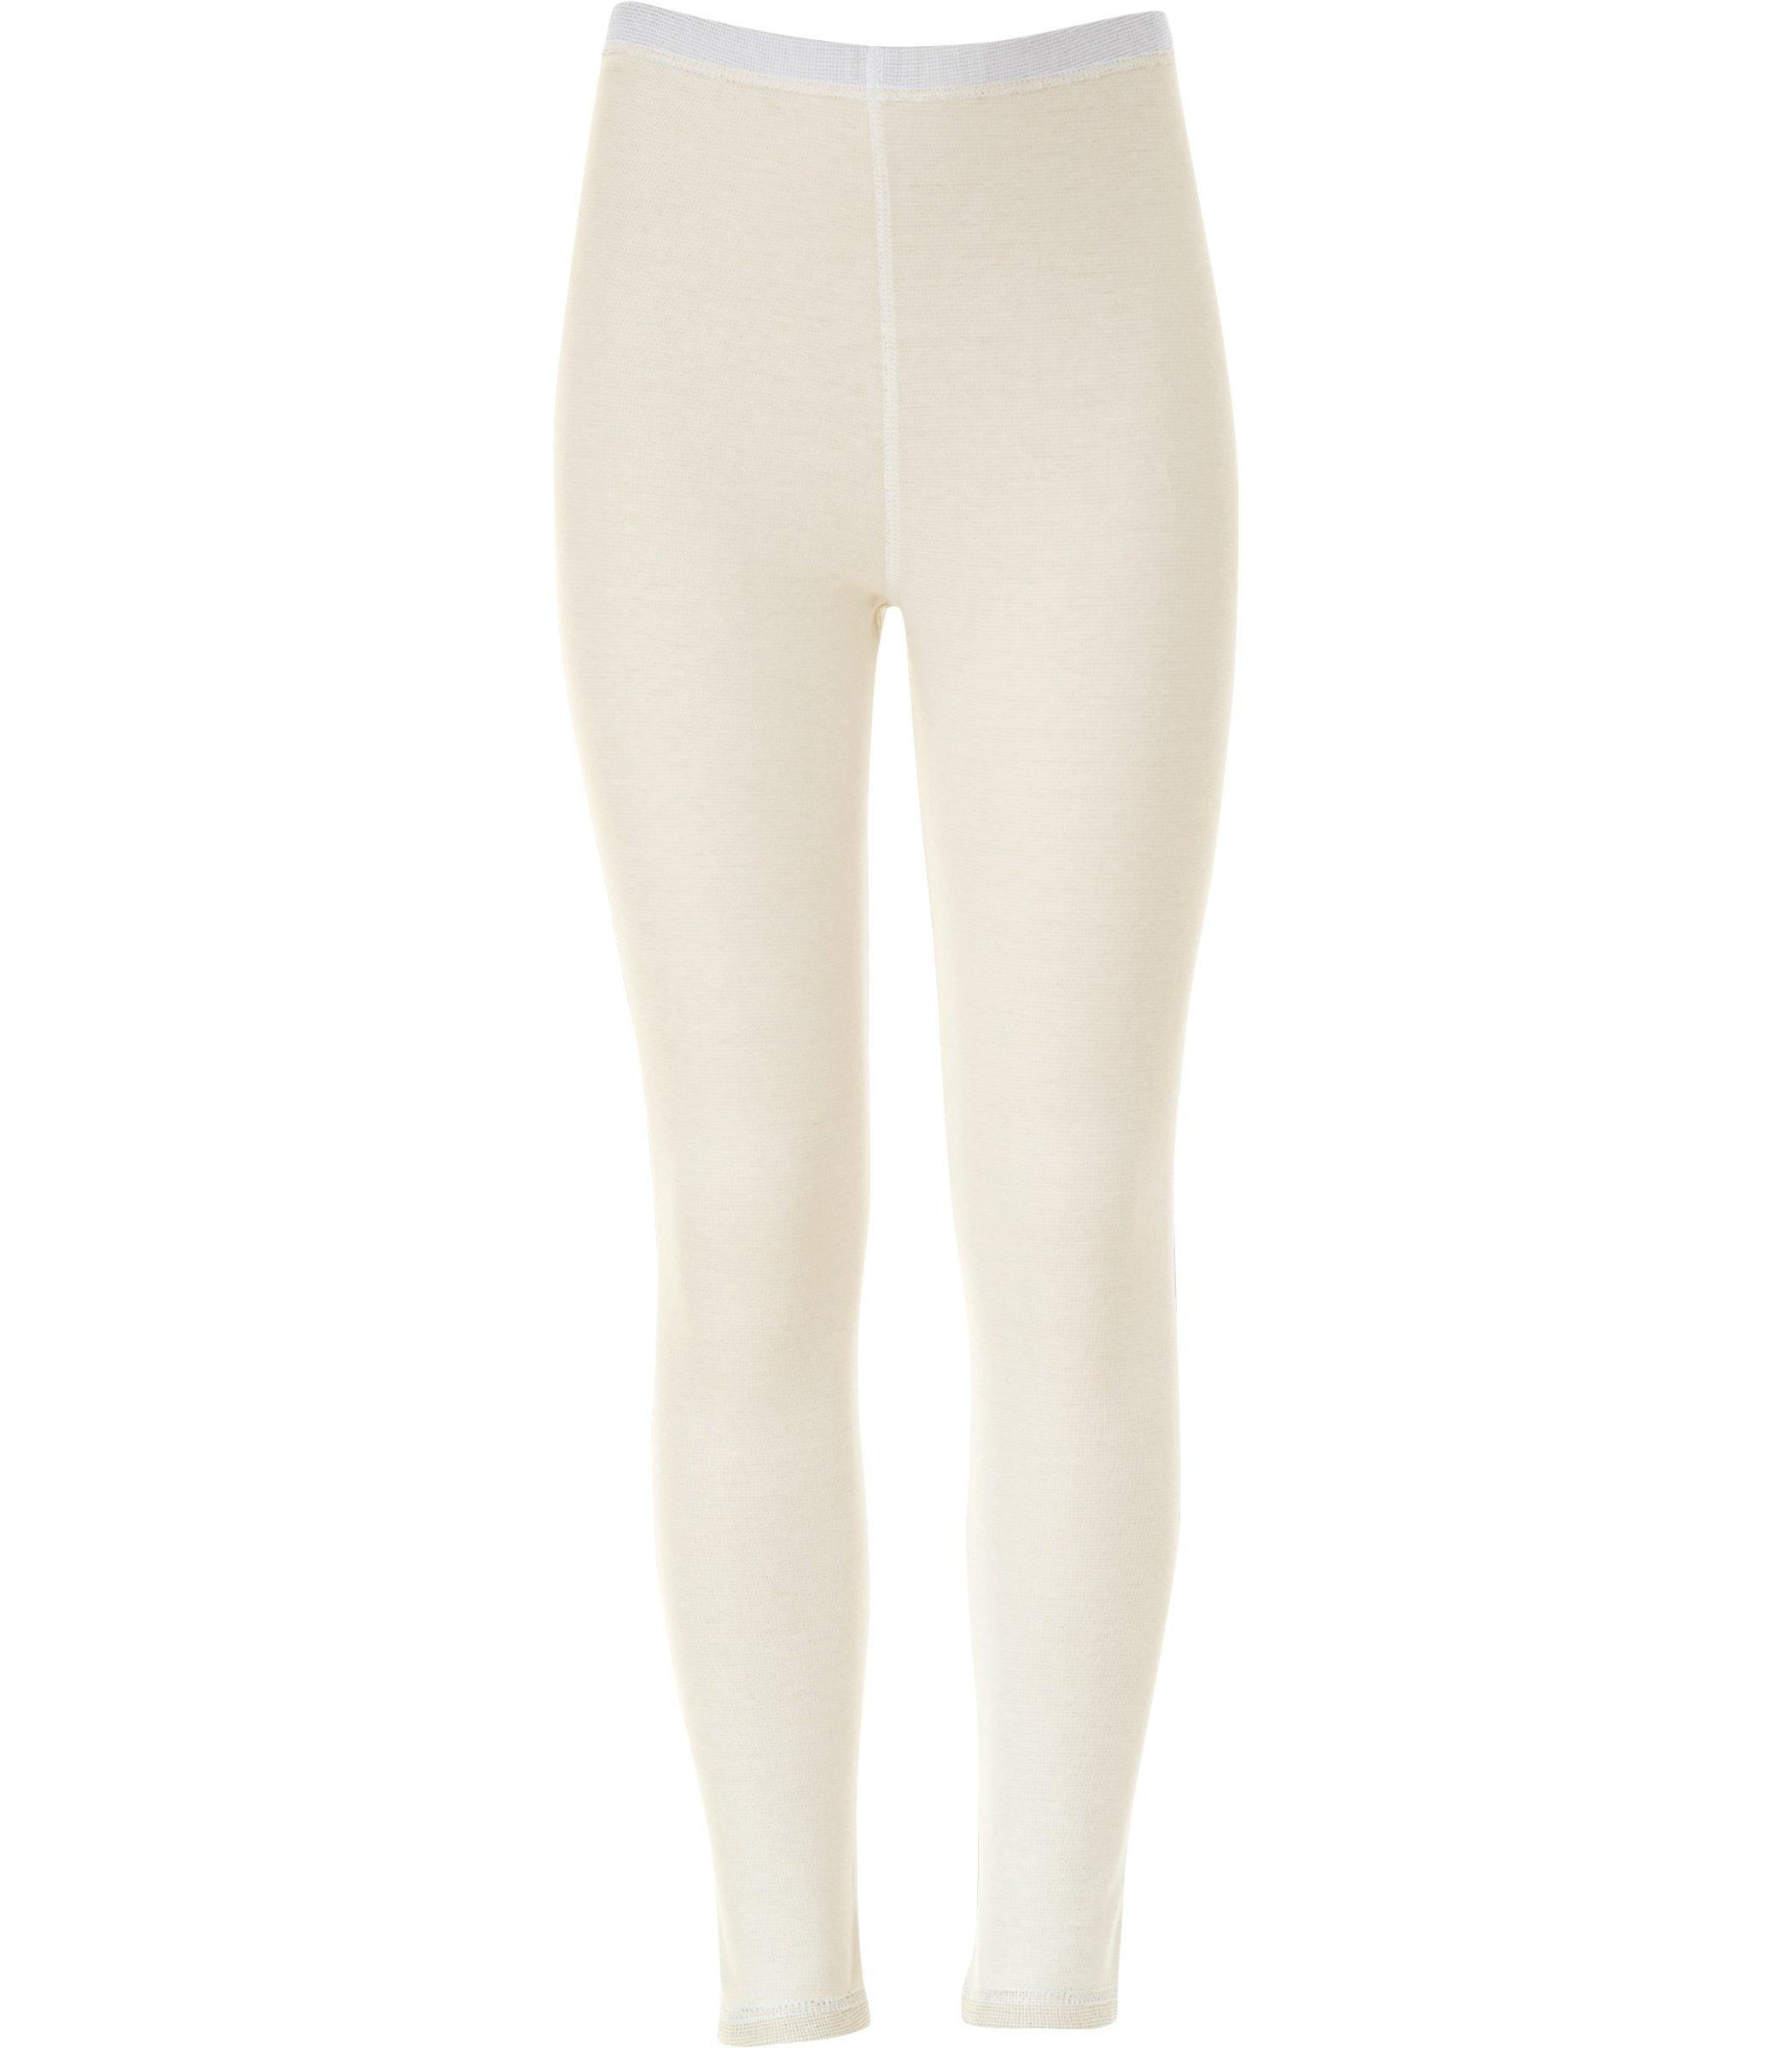 Trigema Onderbroek »Hightech functioneel ondergoed met groot zilveraan« voordelig en veilig online kopen